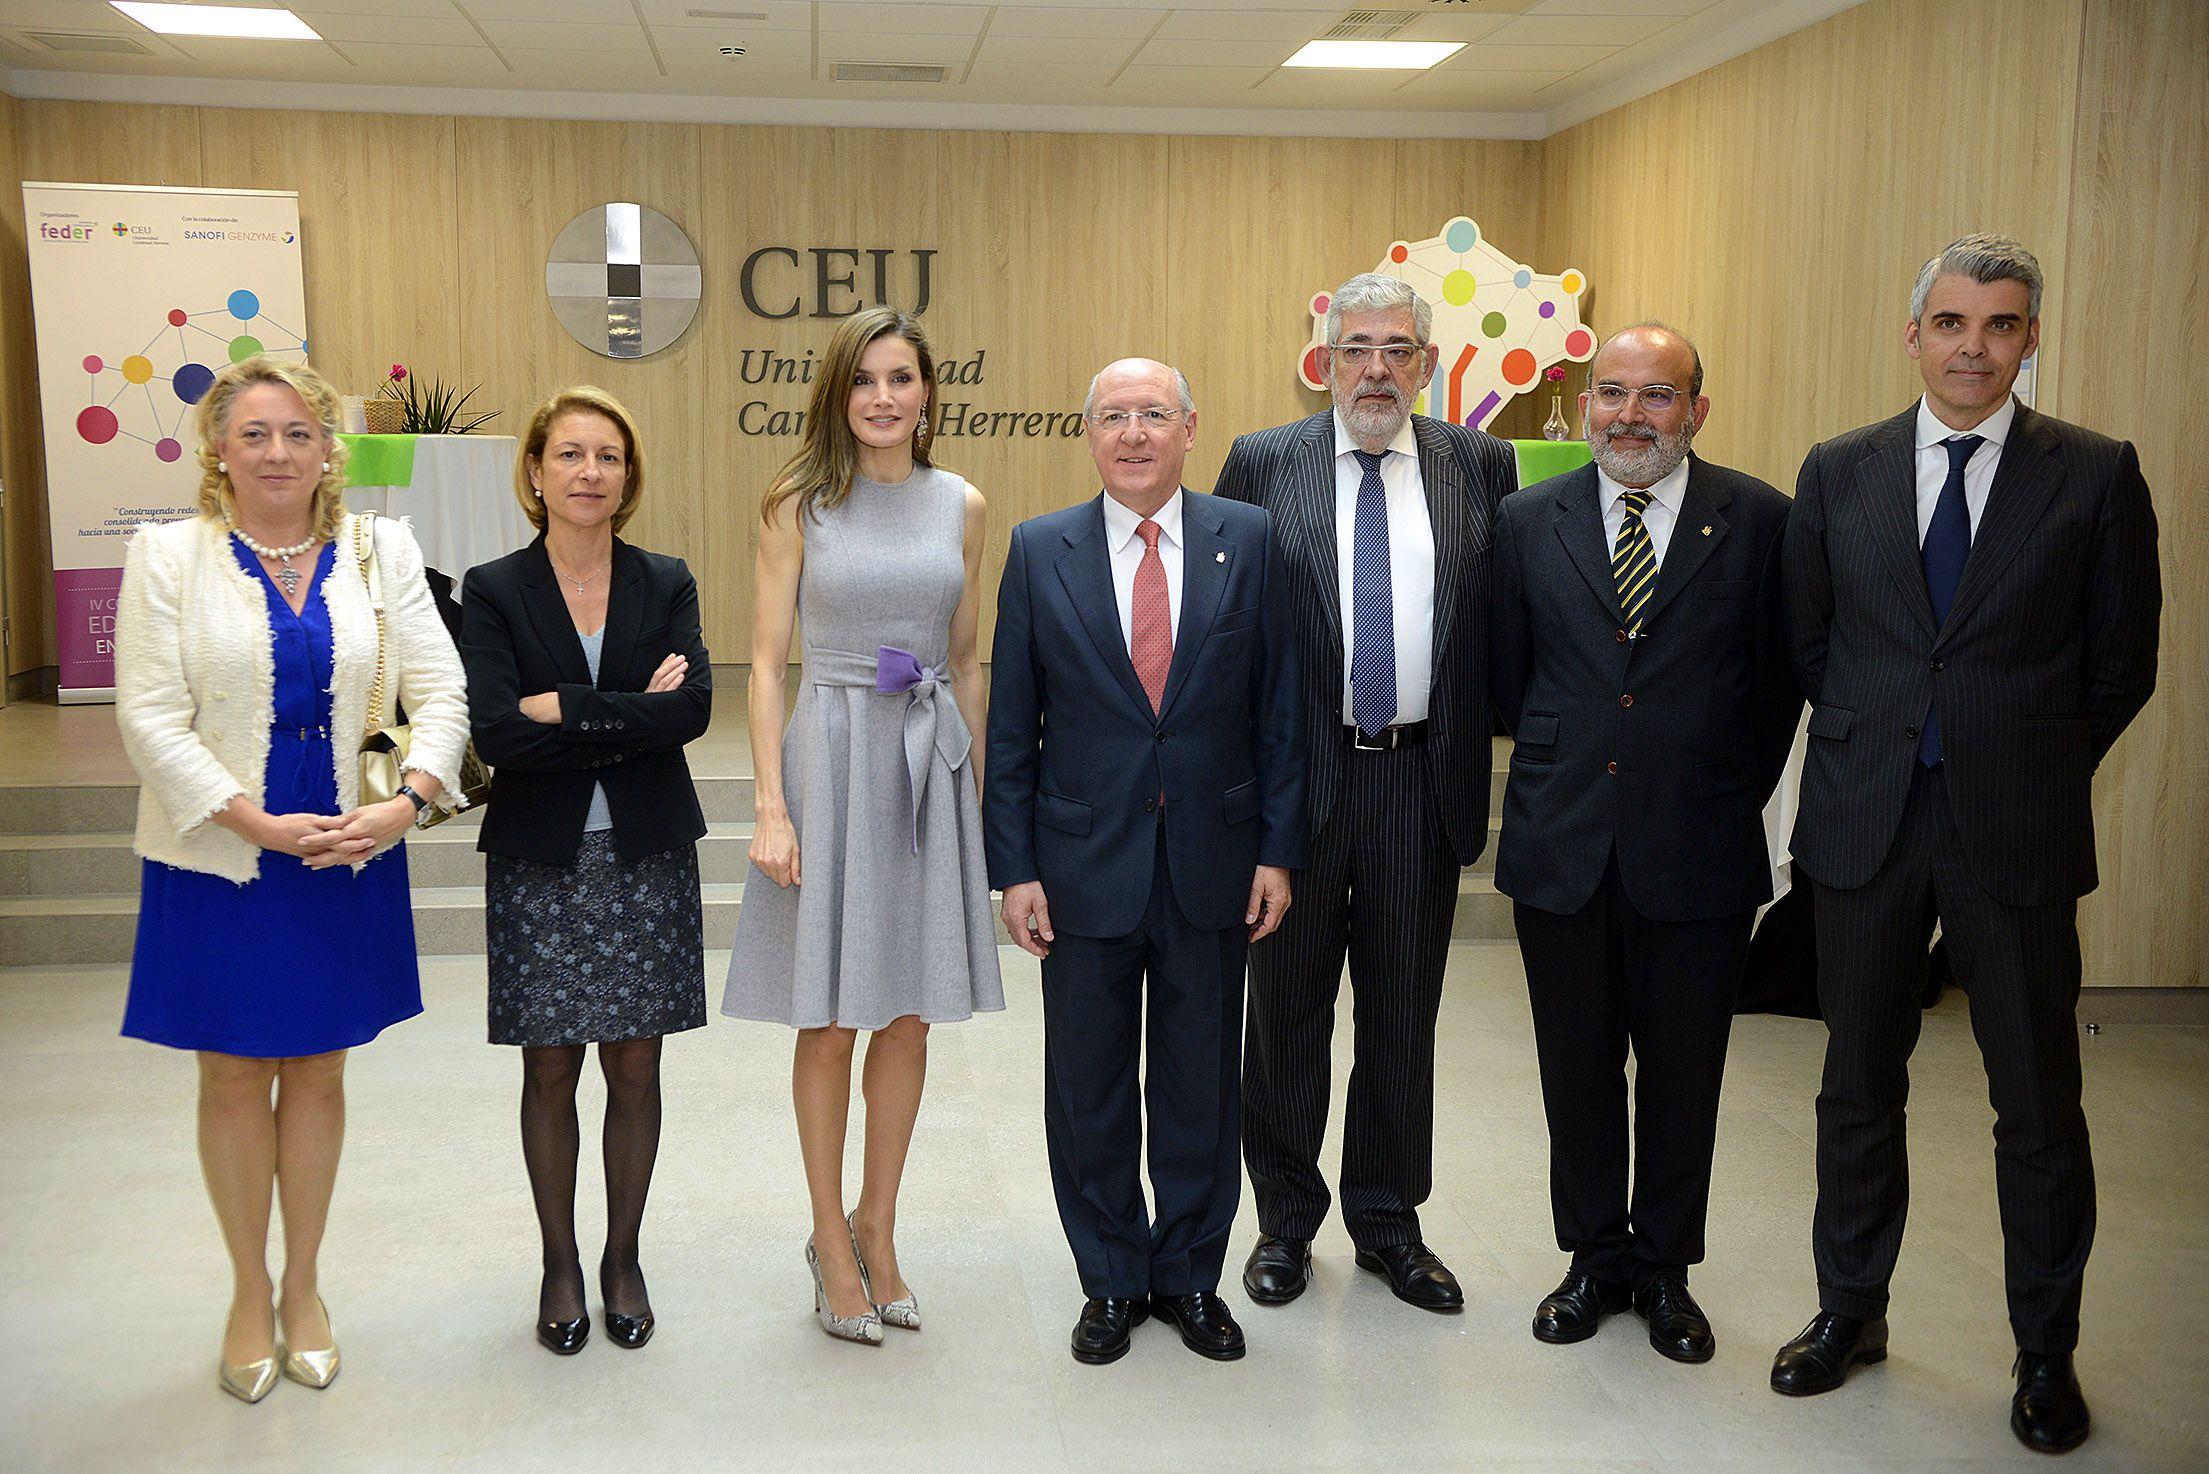 SM la Reina, con el equipo directivo del CEU, en el IV Congreso Educativo sobre Enfermedades Raras.